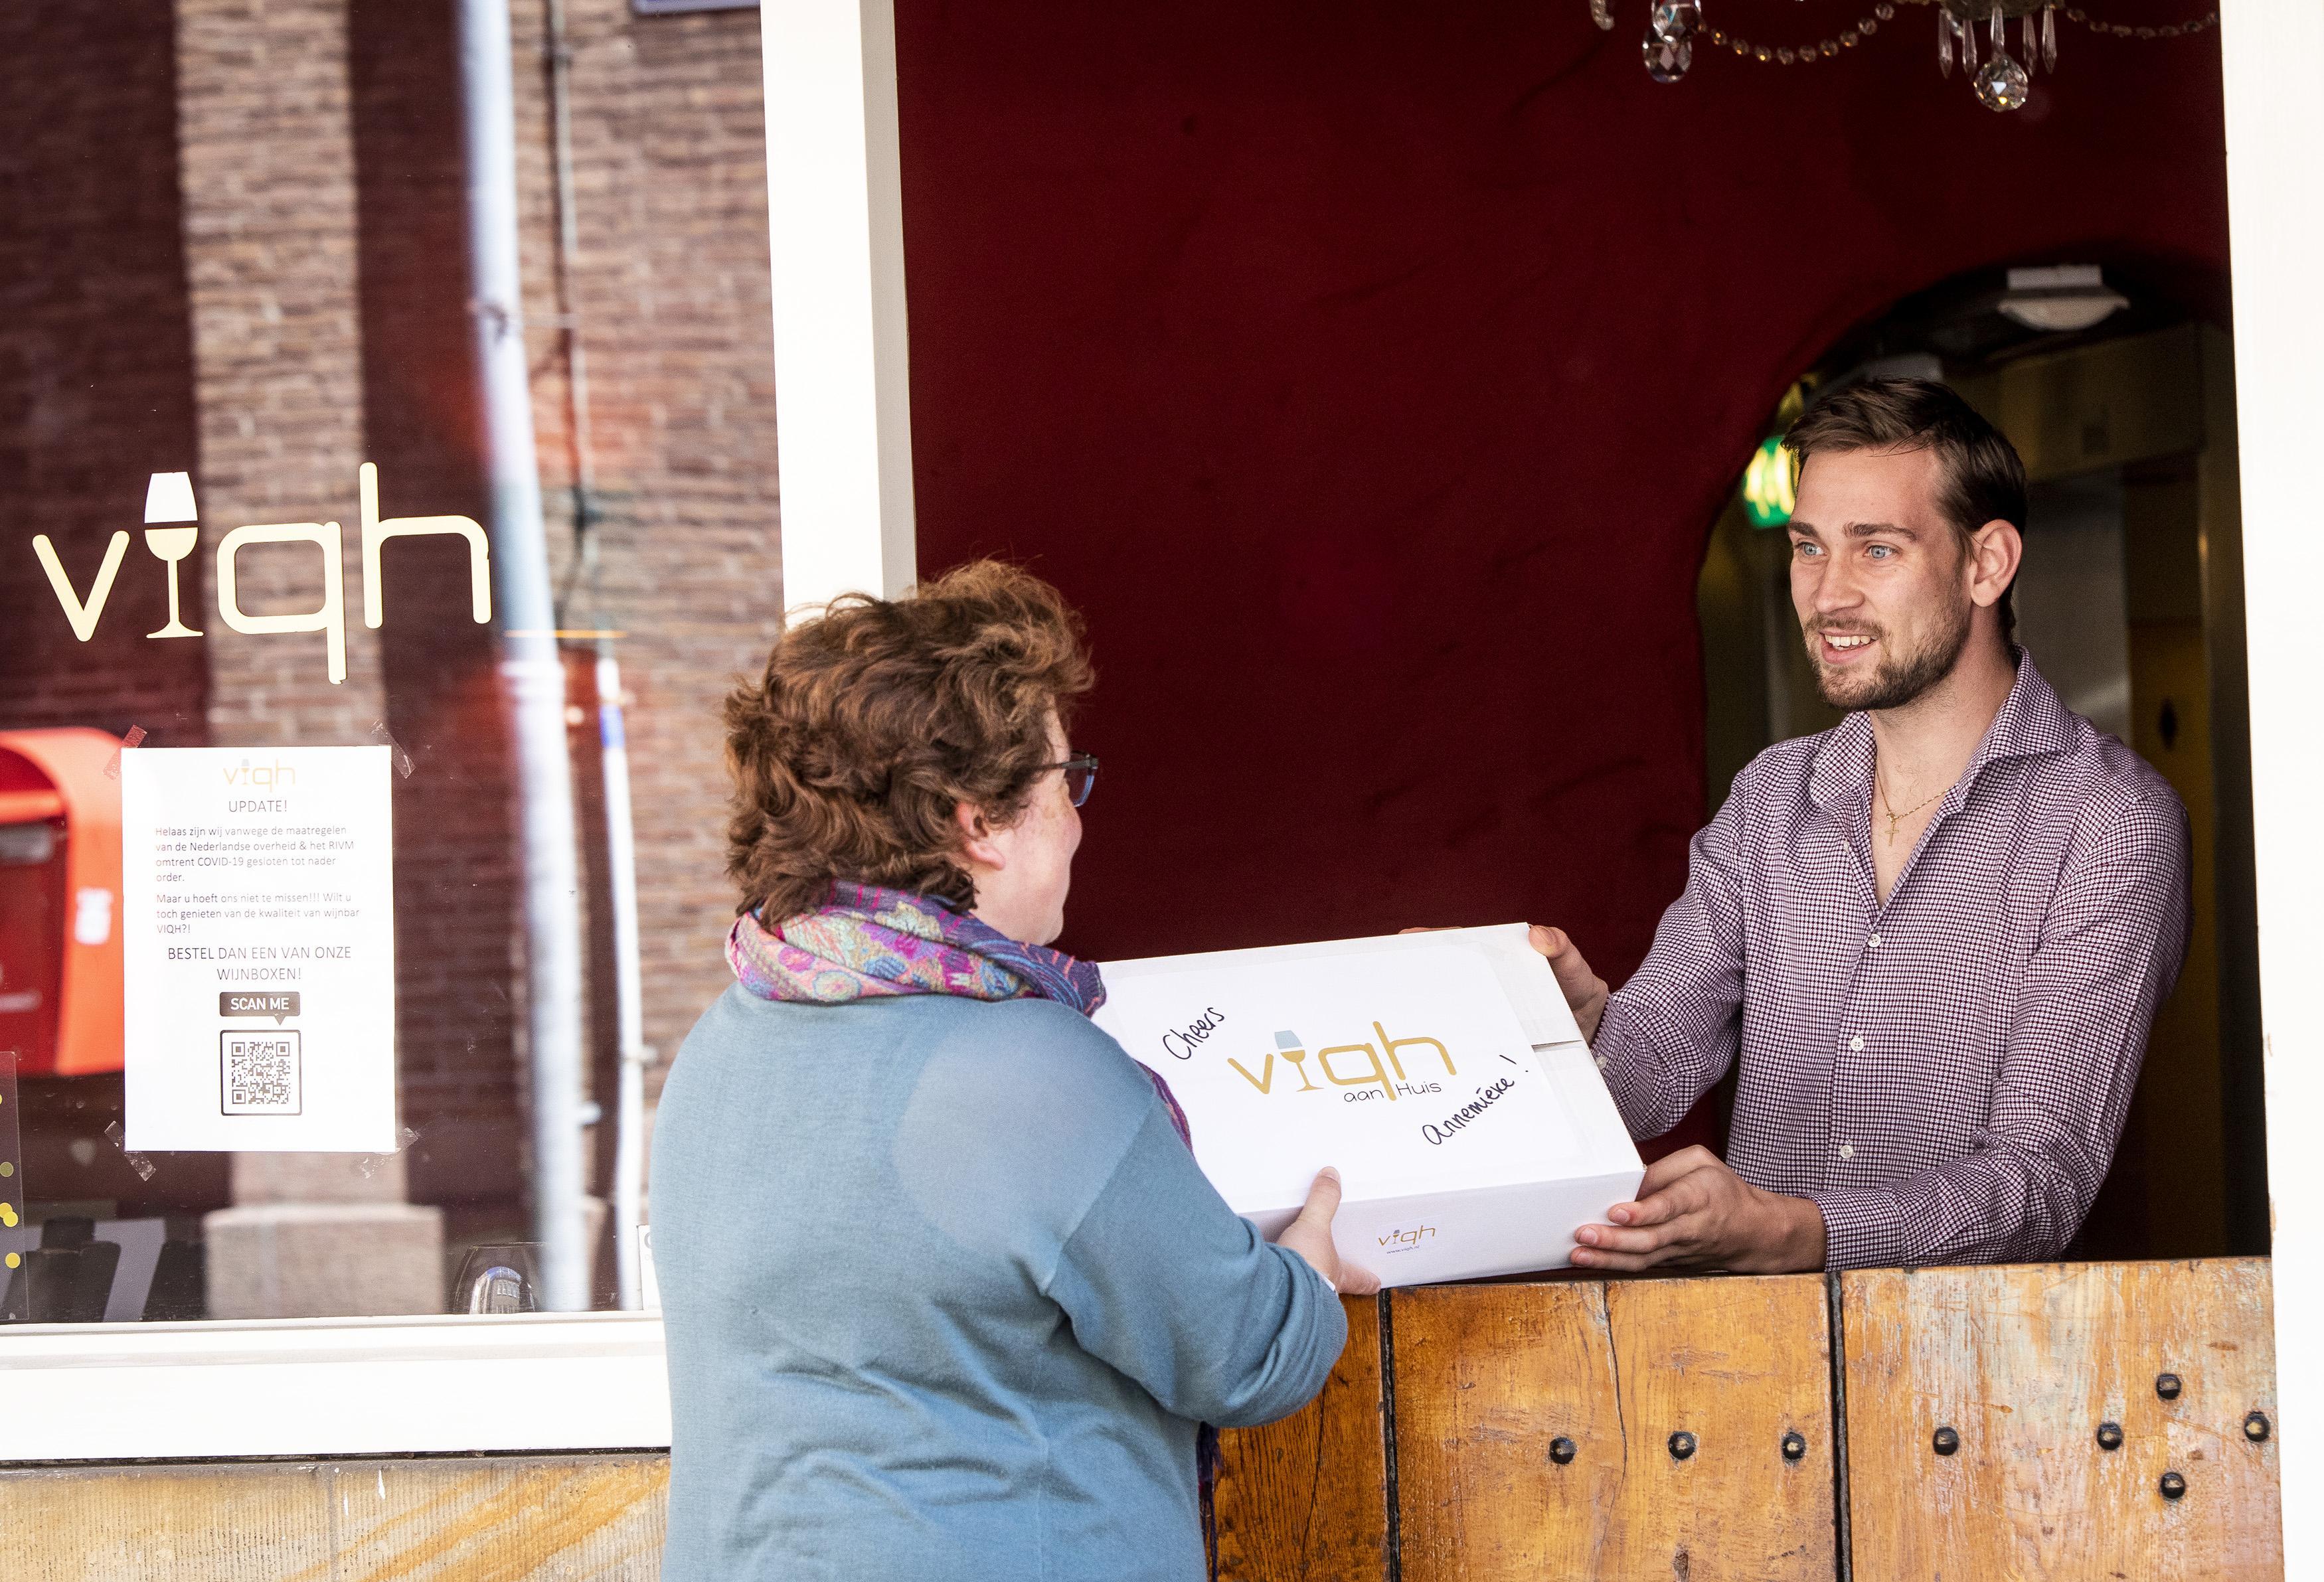 Haarlemse wijnbar Viqh gaat digitaal met proeverijen